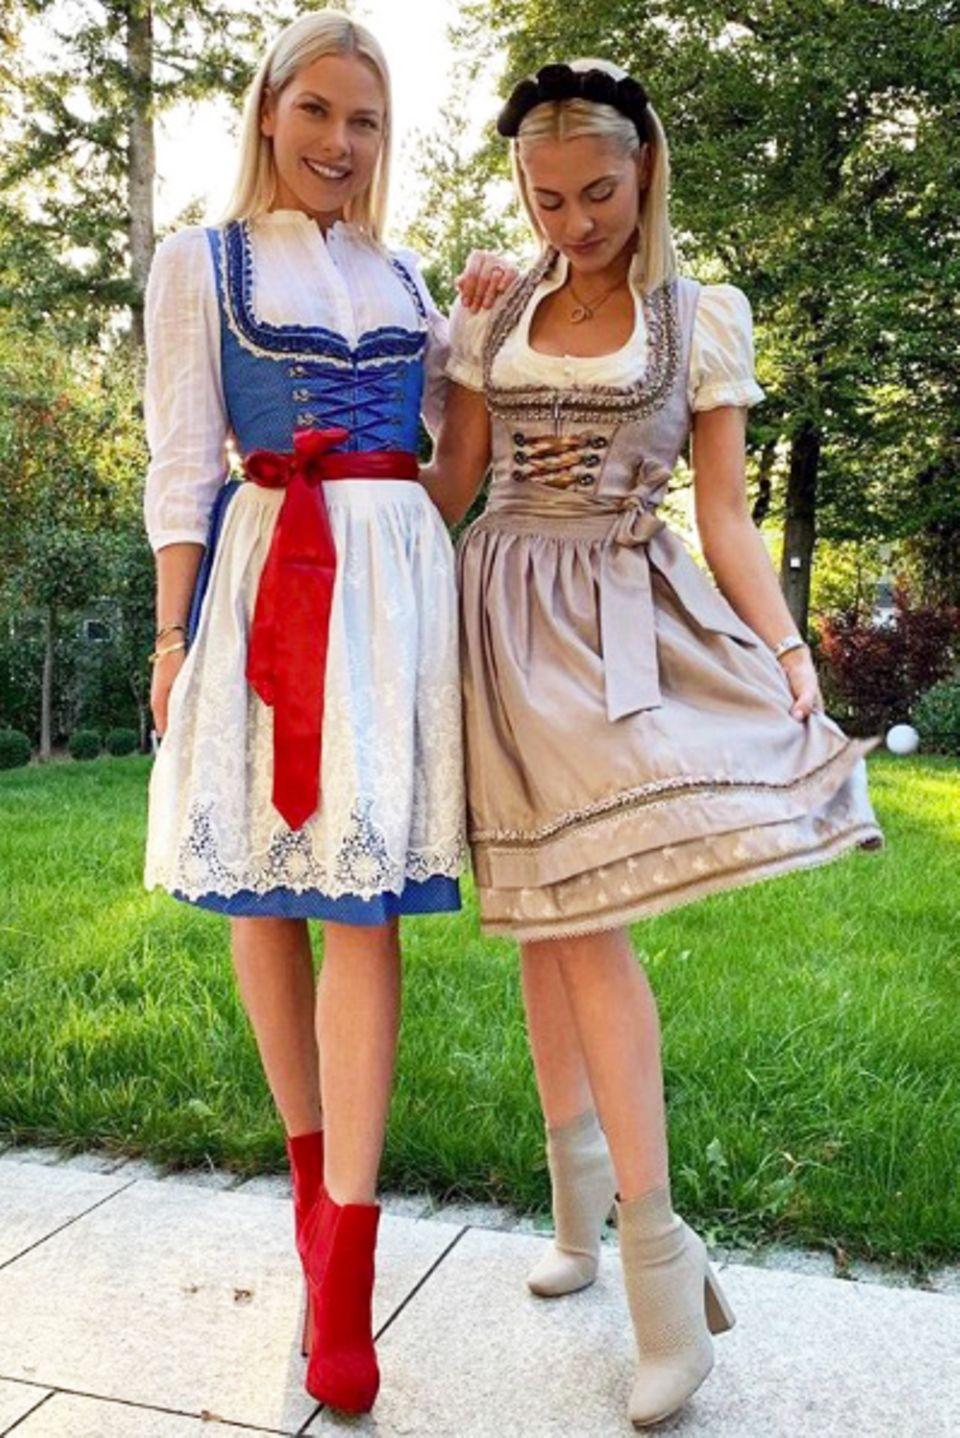 Hübsches Duo: Die Zwillingsschwestern Cheyenne und Valentina Pahde besuchen die Wiesn in diesem Jahr in Valentinas Eigen-Kreationen. Die GZSZ-Darstellerin hat nämlich gemeinsam mit Krüger Dirndl eine eigene Kollektion entworfen und die steht den Schwestern schon mal ganz wunderbar.